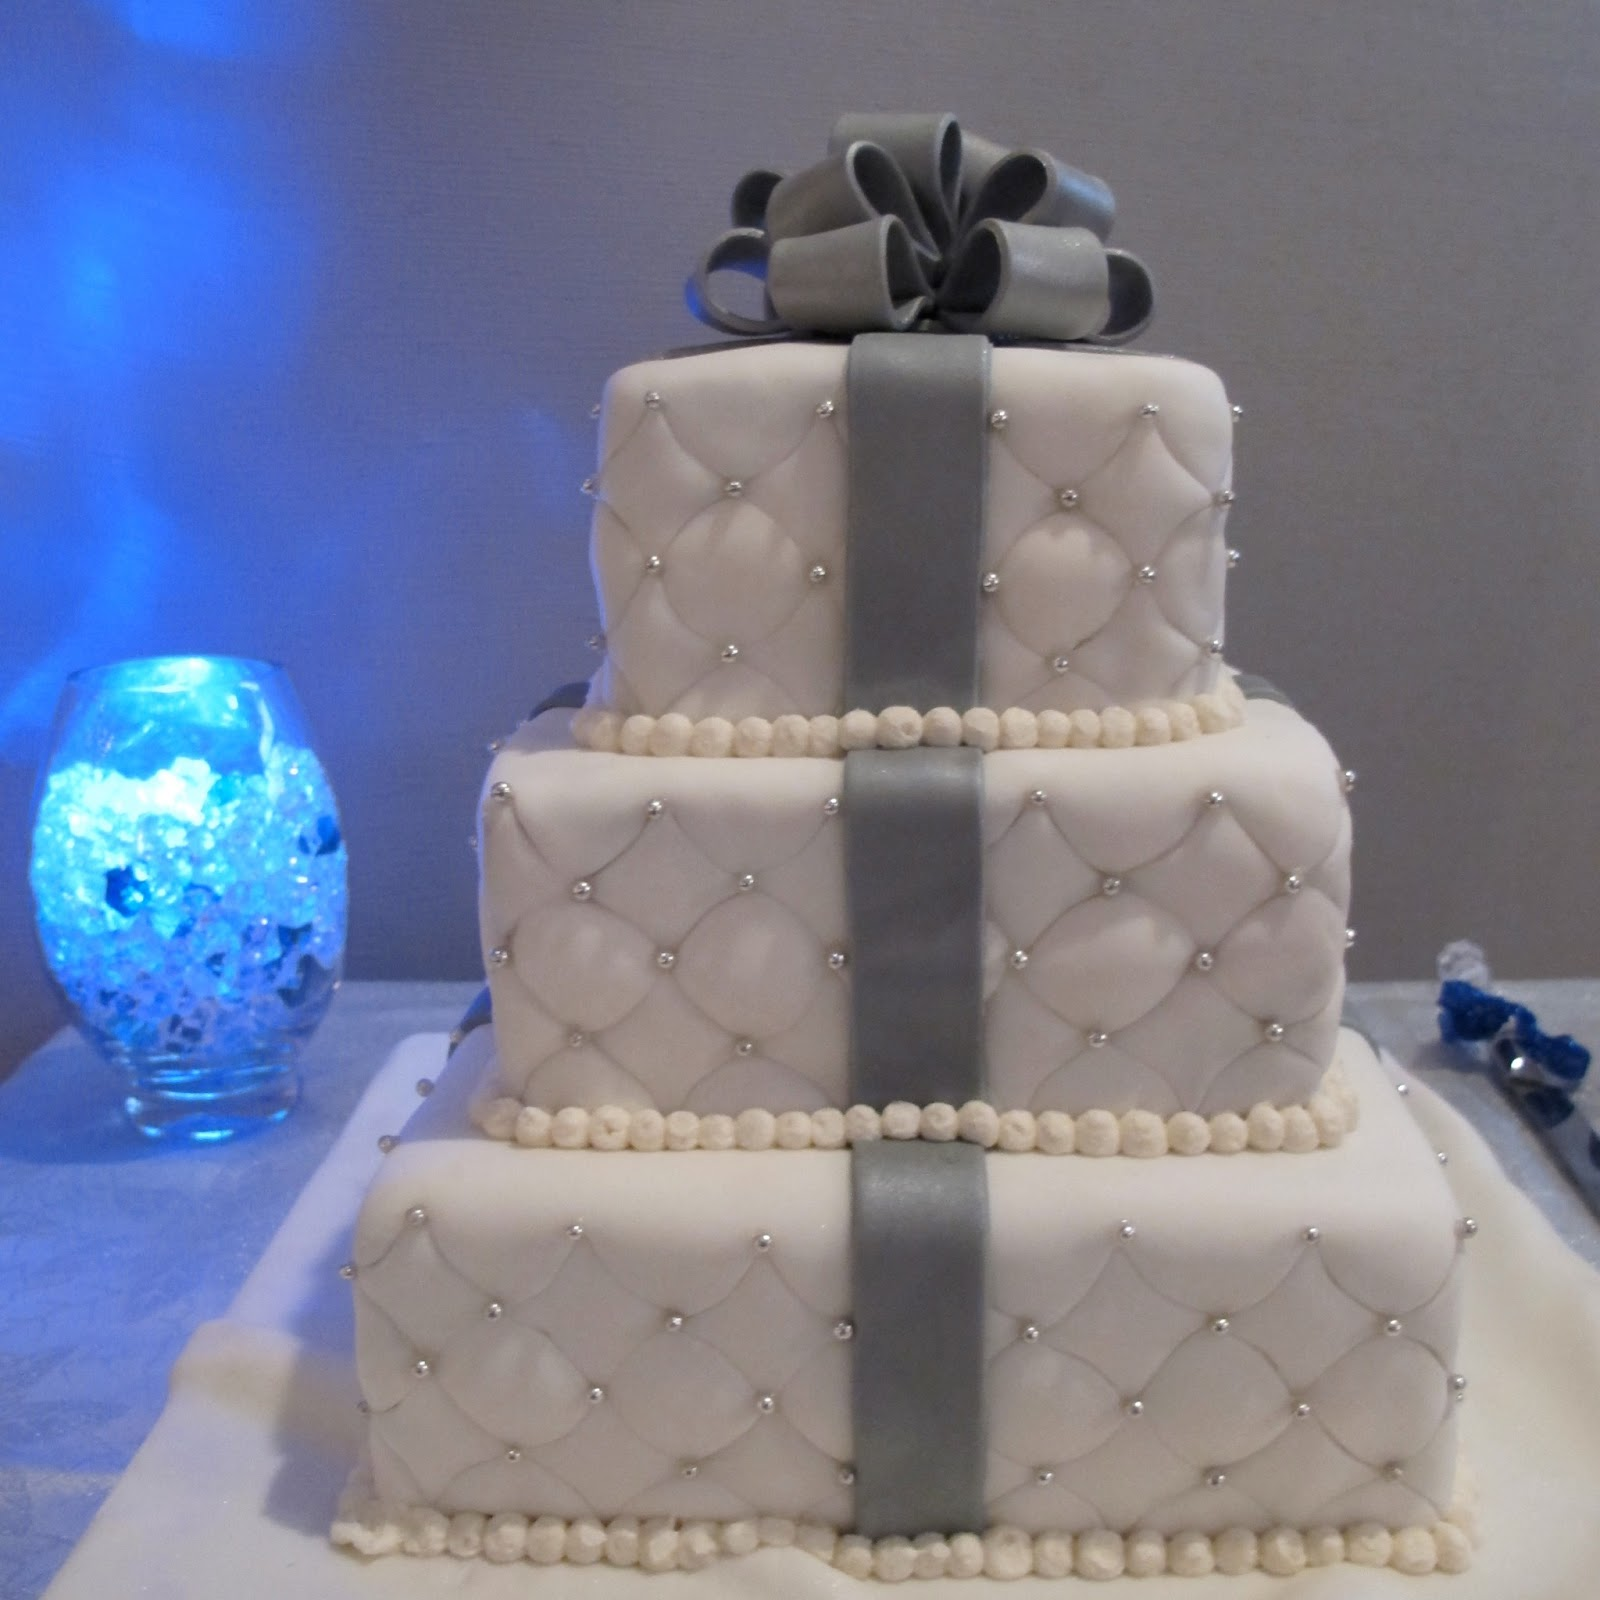 Rt S Creative Cakes